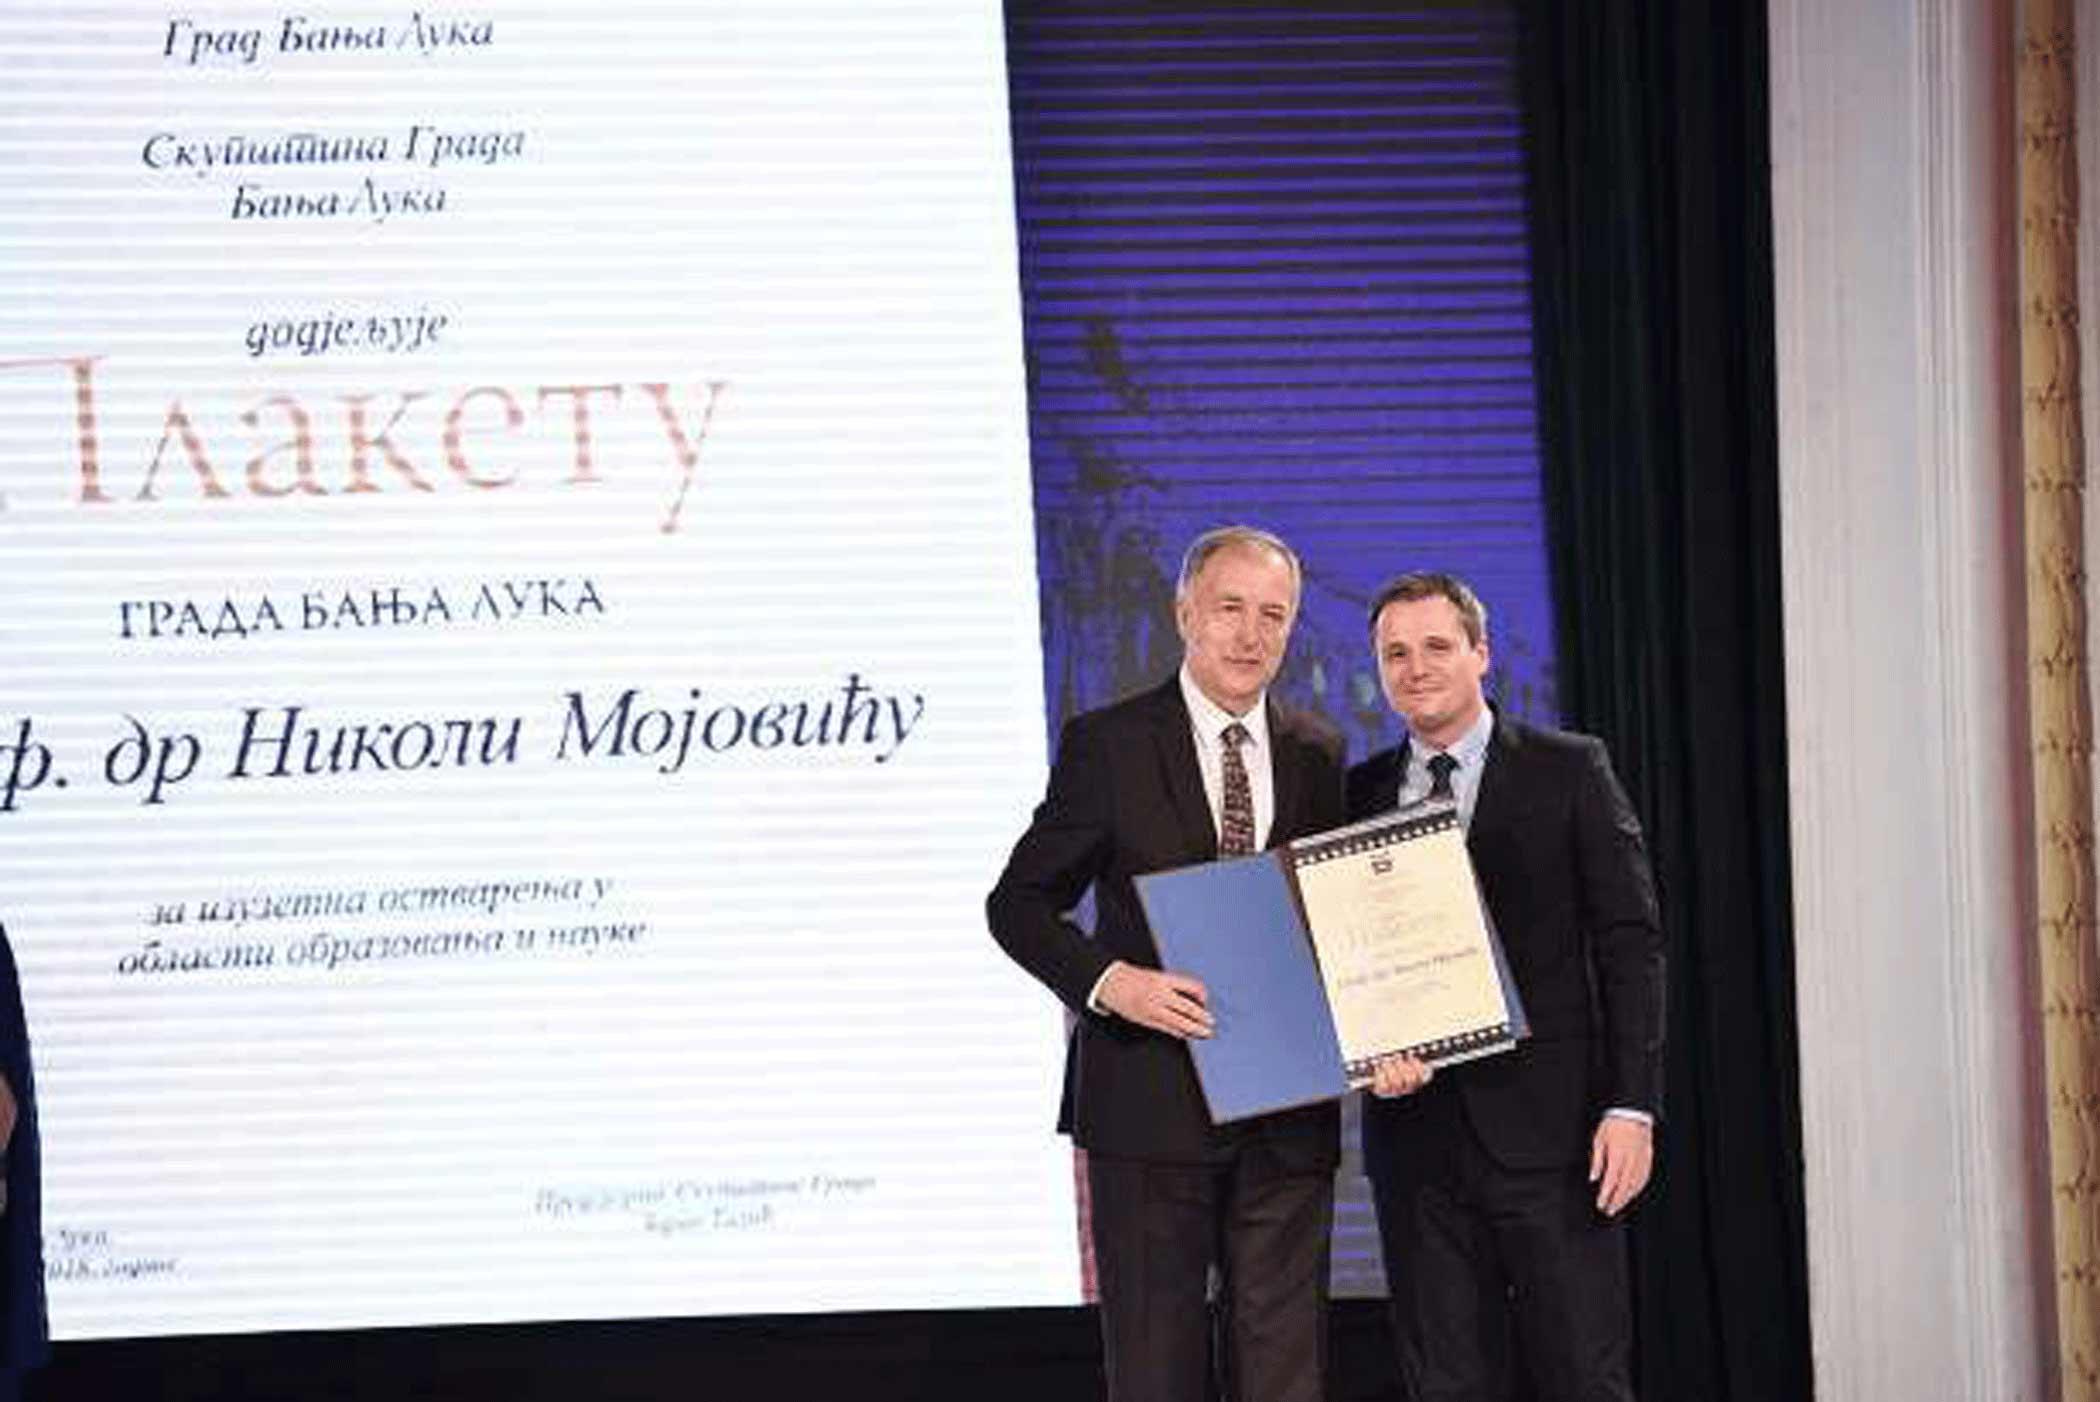 Уручено признање проф. др Николи Мојовићу